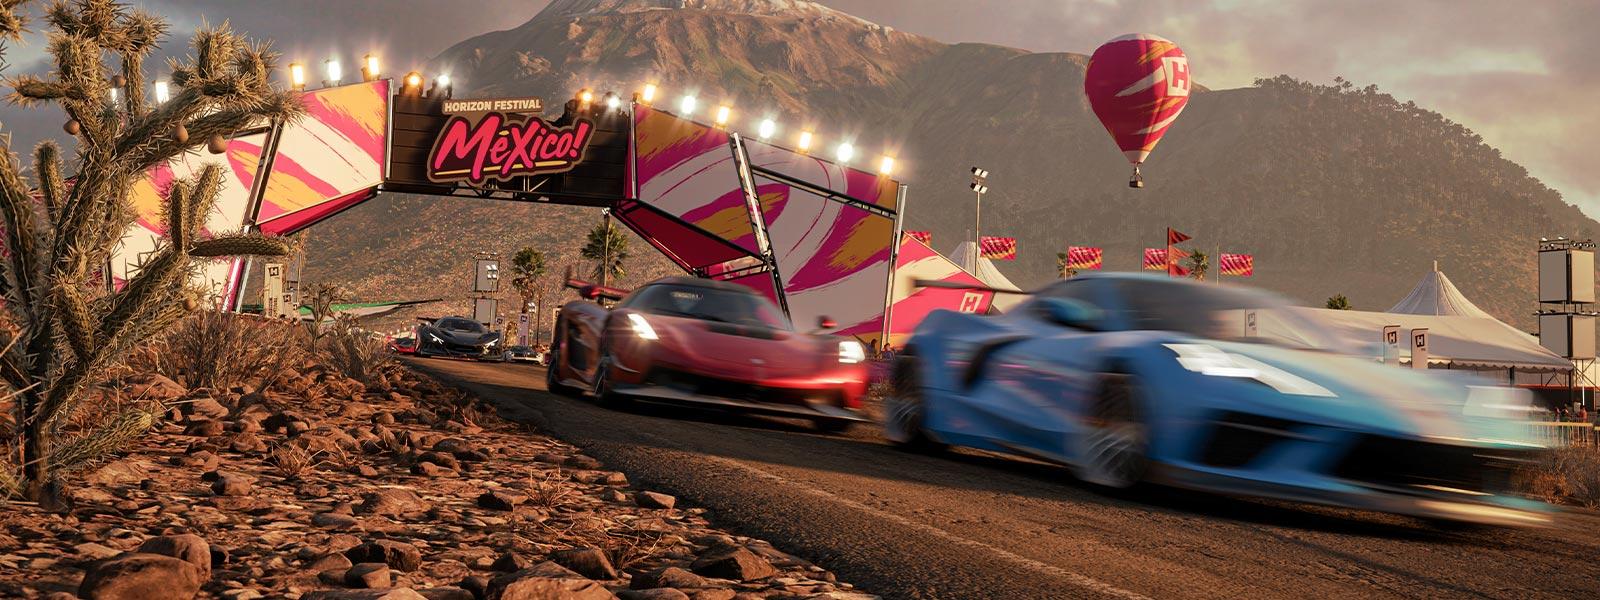 Three cars racing on the Mexico Forza Horizon 5 track